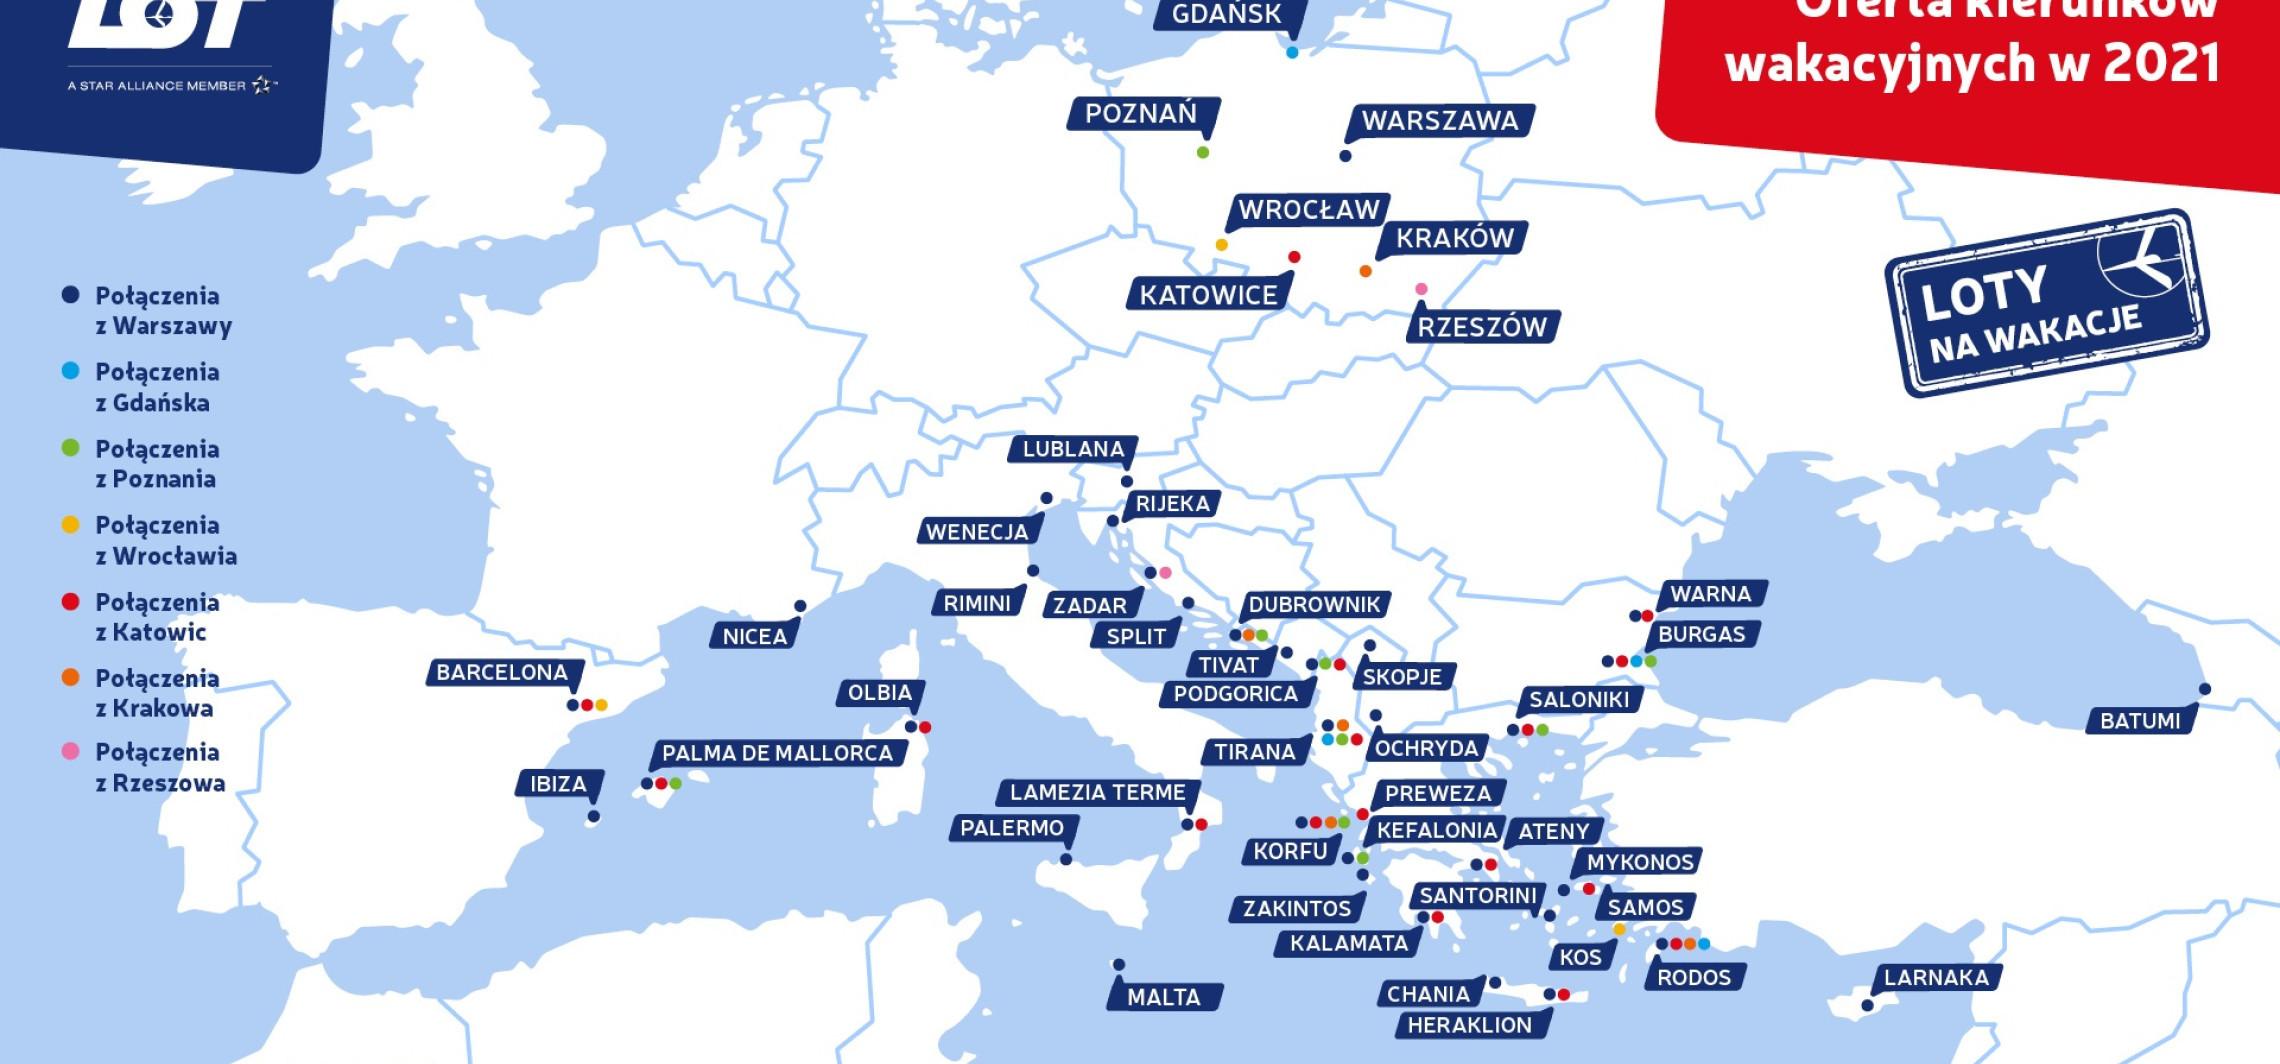 Kraj - Wakacyjne kierunki LOT-u bezpośrednio z Gdańska już od 18 czerwca